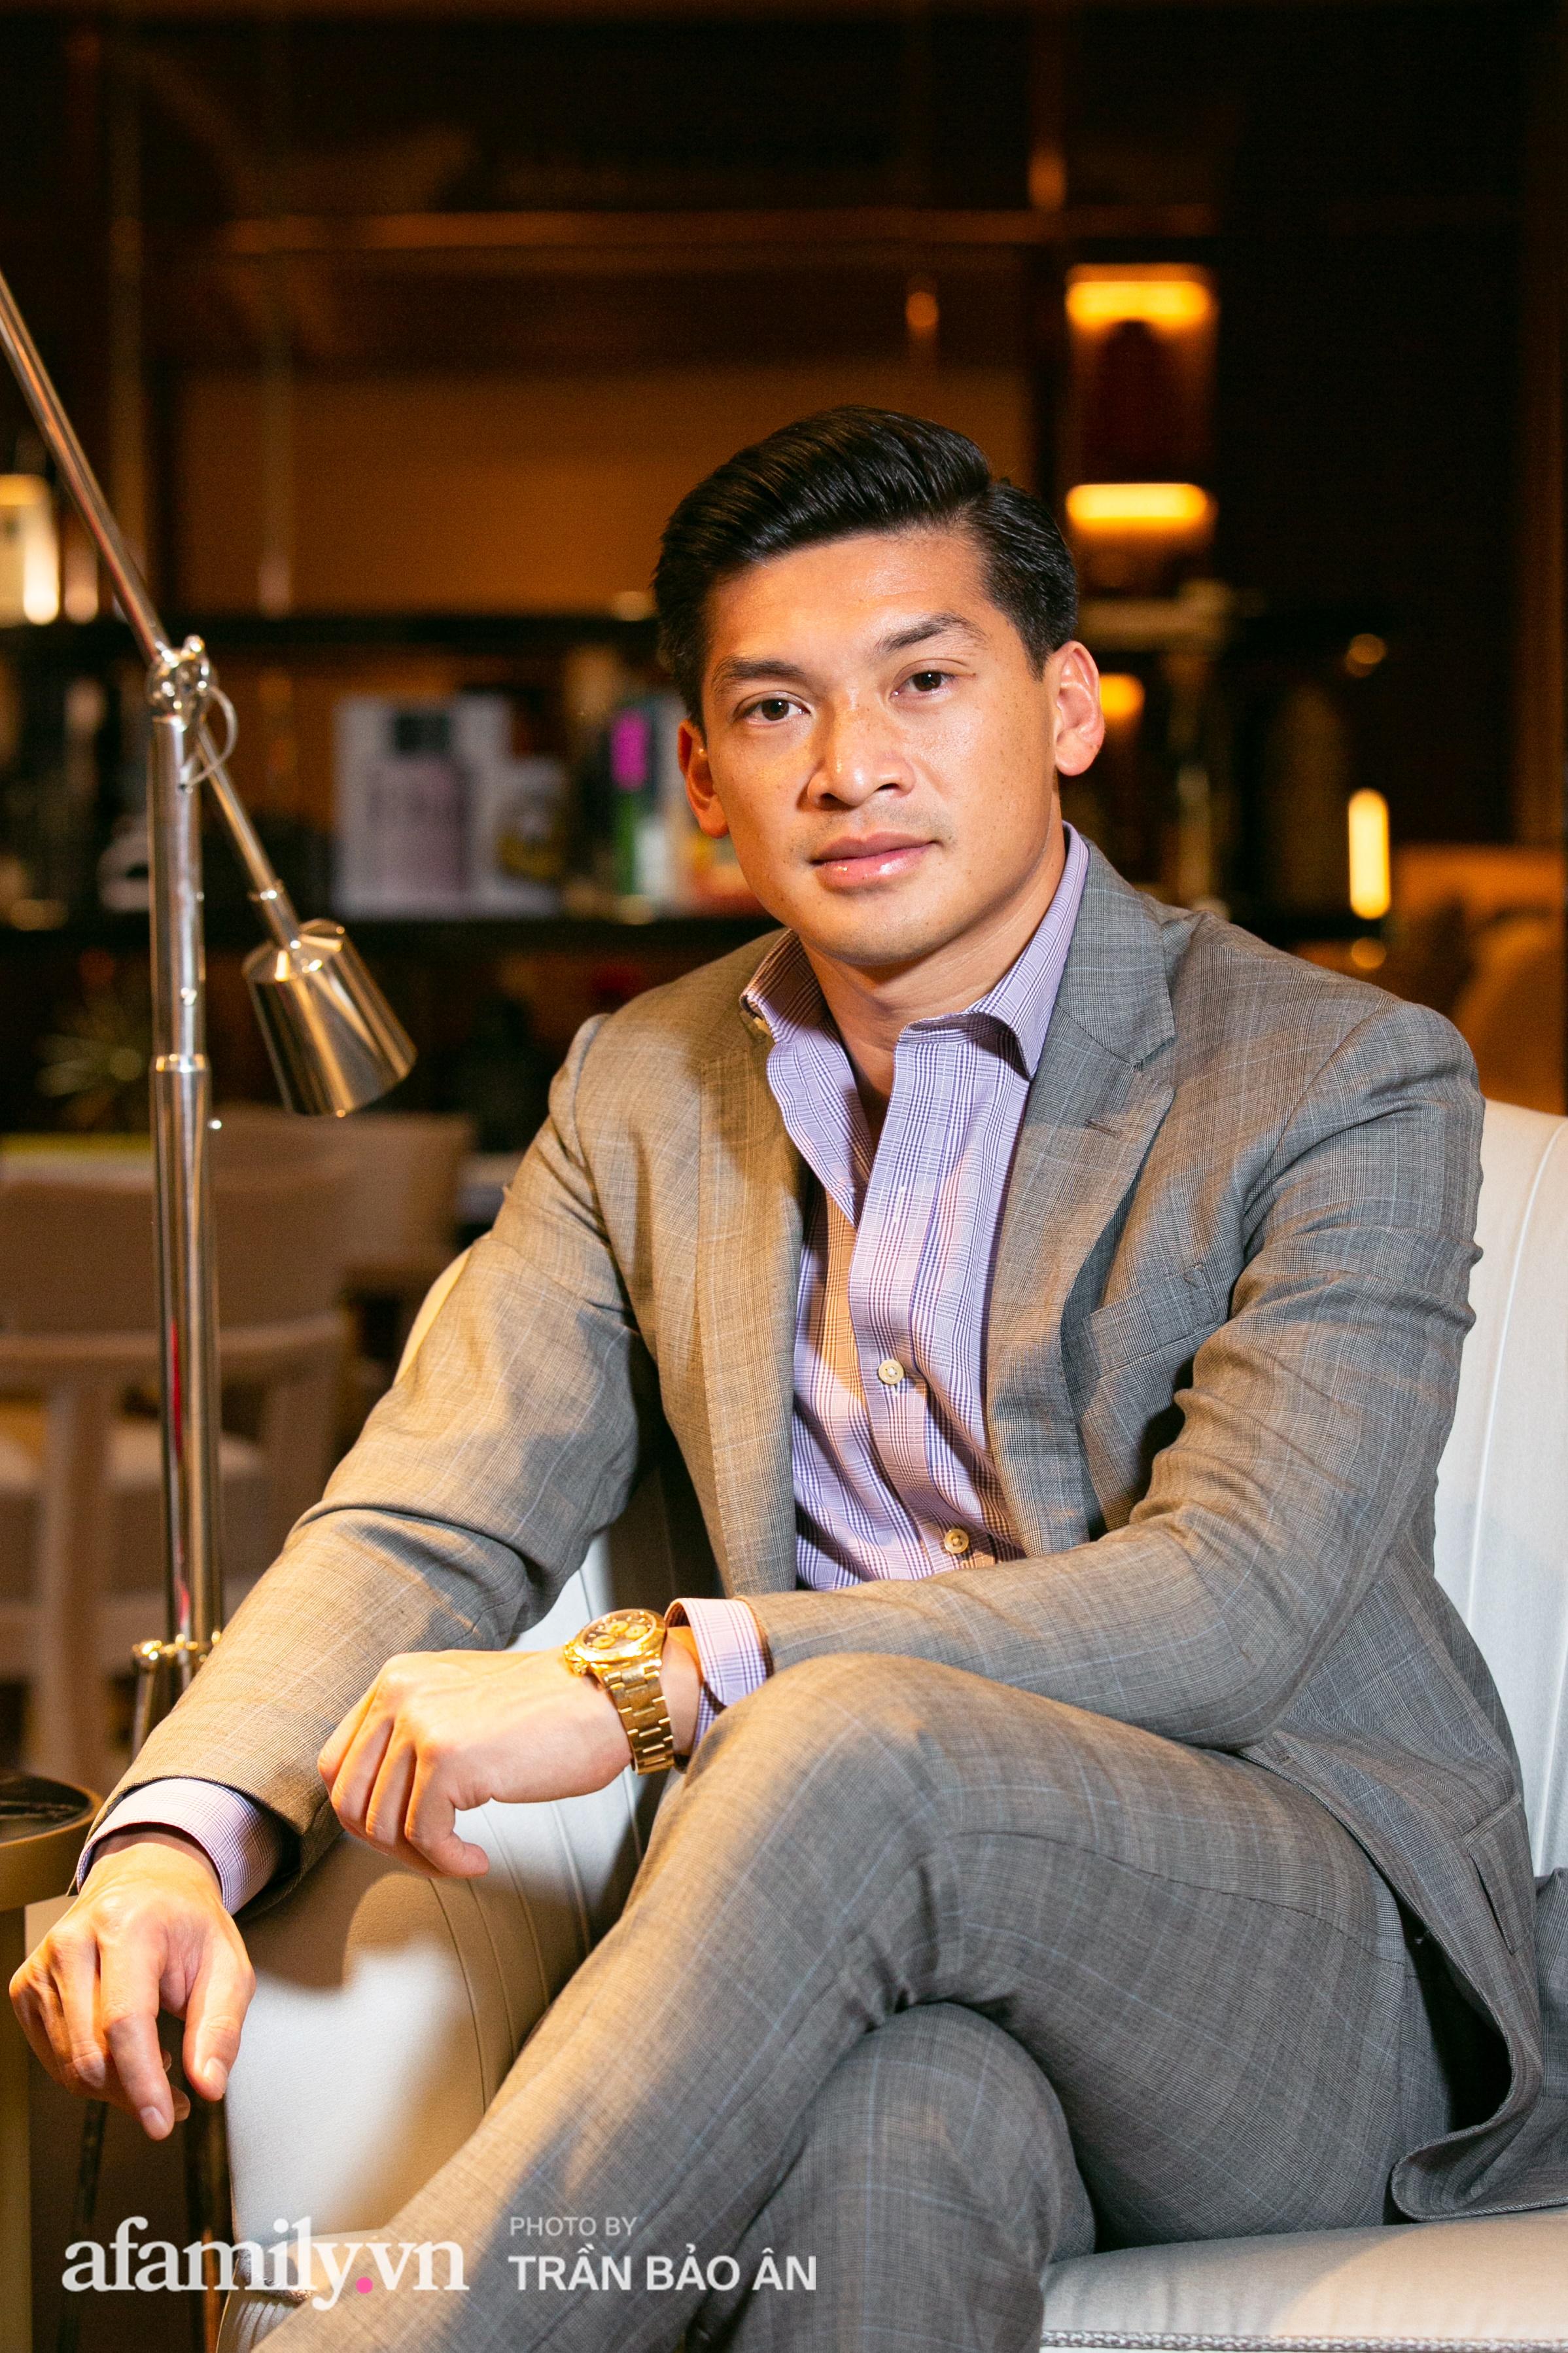 """Yves Huy Phan – CEO 30 tuổi làm chủ đế chế nội thất xa xỉ tiết lộ quá trình """"làm giàu"""" và điều bí mật trong mối tình đồng giới với nhà thiết kế nội thất nổi tiếng nhất Việt Nam - Ảnh 2."""